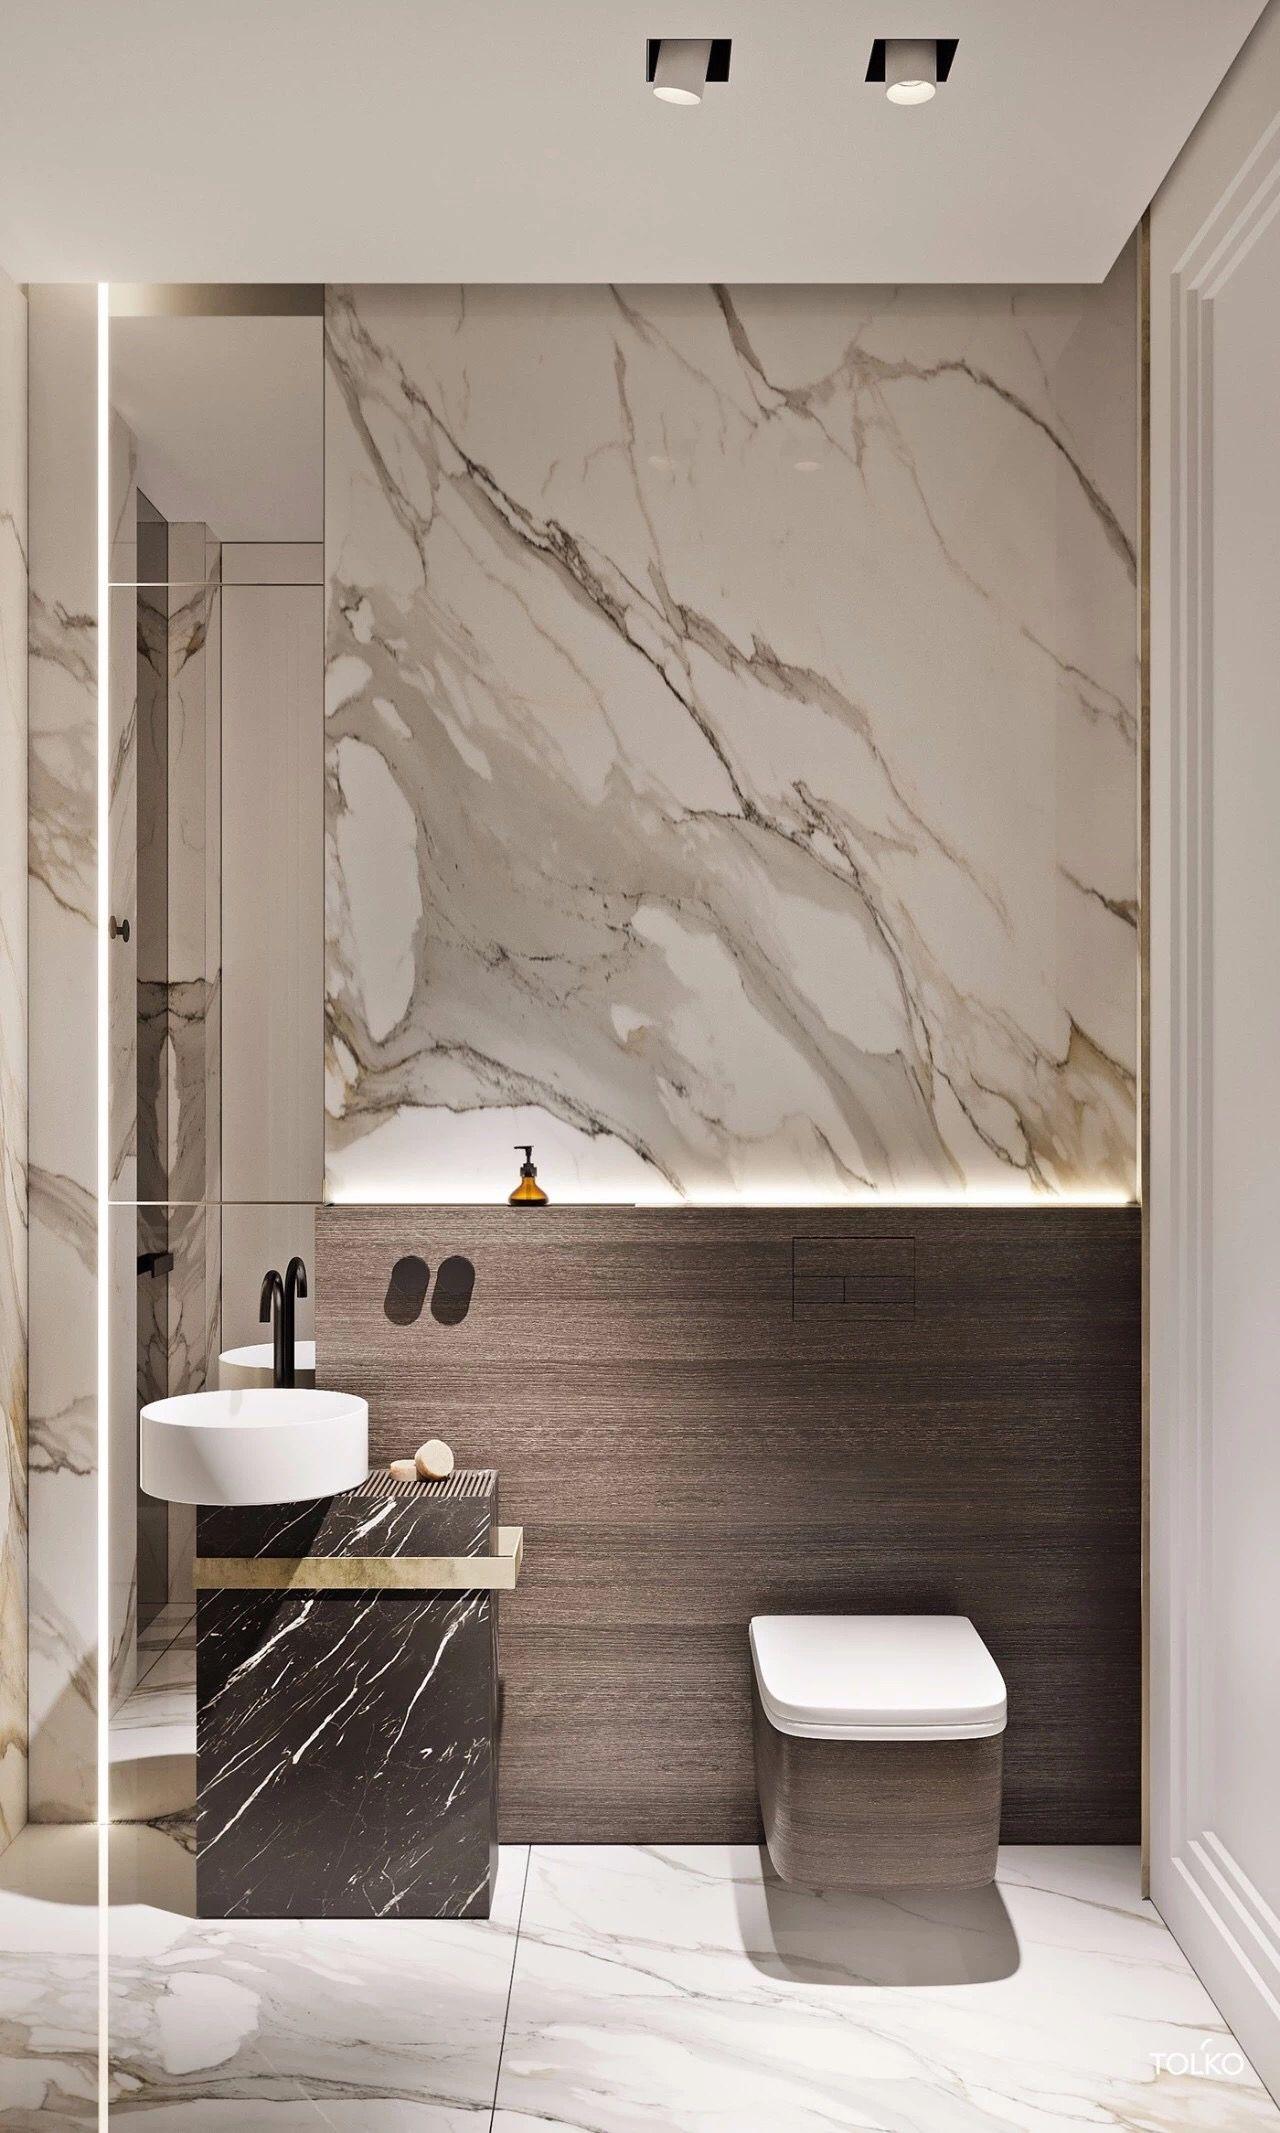 Badezimmer Einrichtung, Badewanne, Luxus Badezimmer, Home Deko, Bäder  Ideen, Waschbecken,